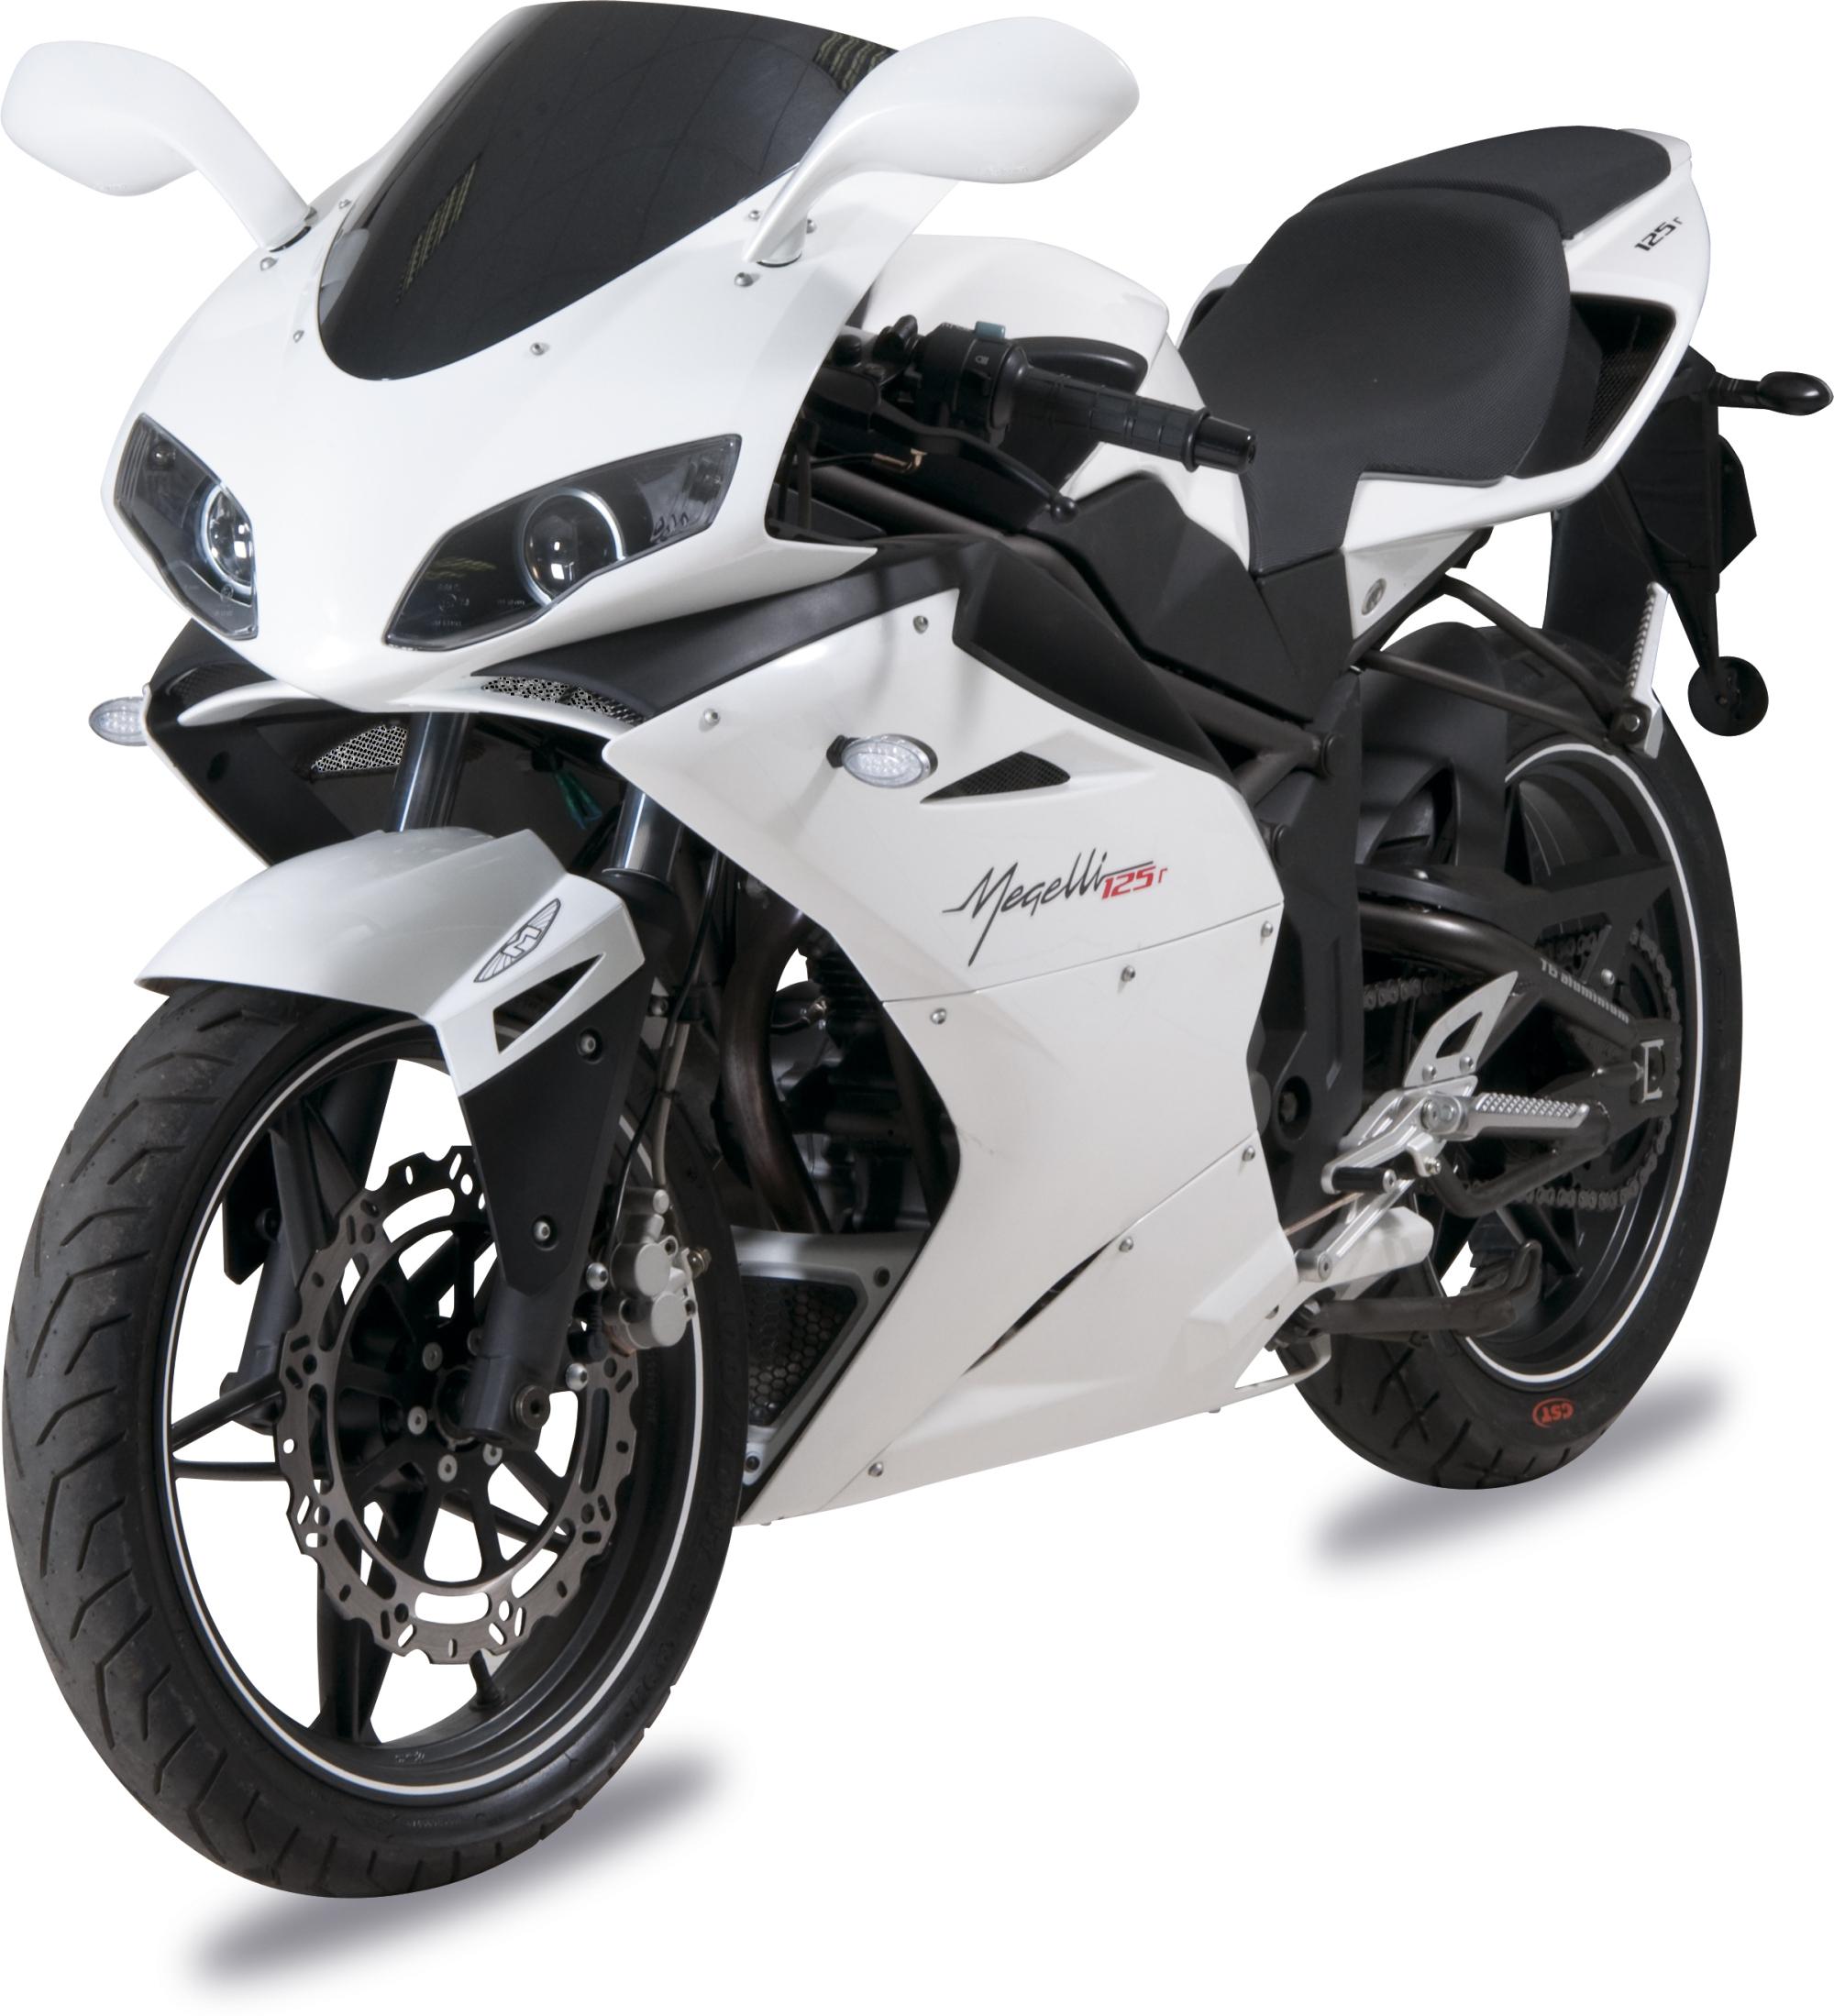 gebrauchte und neue megelli 125r sport motorr der kaufen. Black Bedroom Furniture Sets. Home Design Ideas